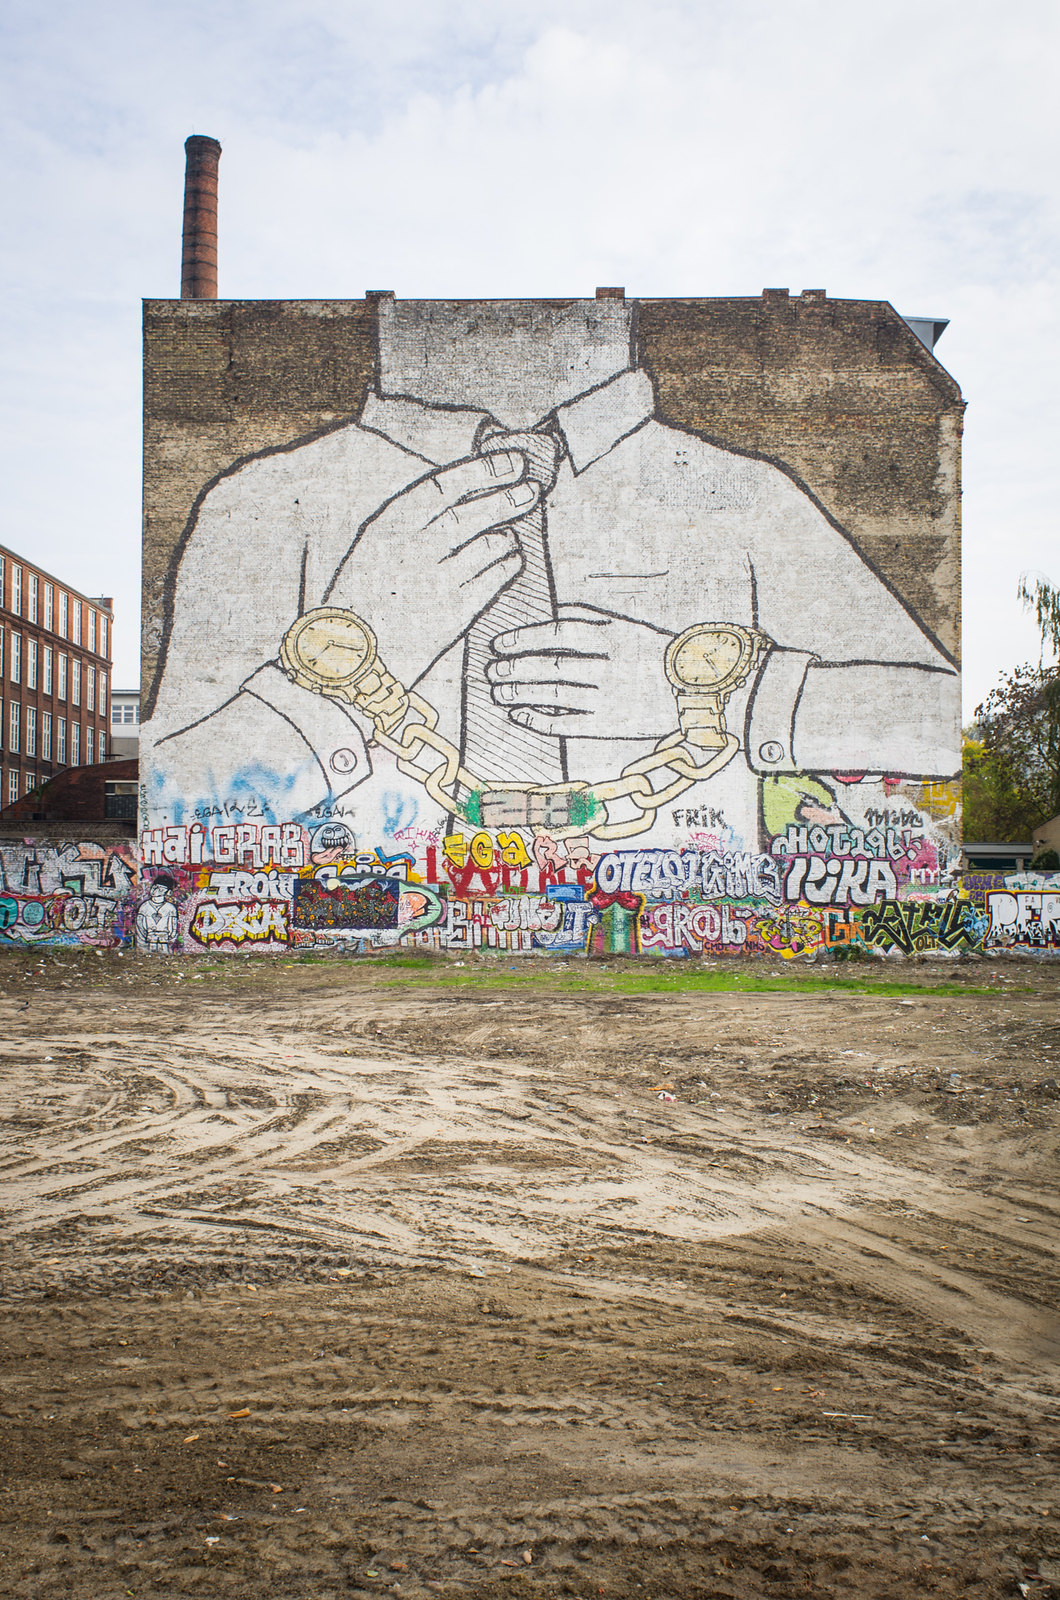 Berlin pauvre et sexy ? - Le street art de Blu (avant qu'il ne disparaisse)